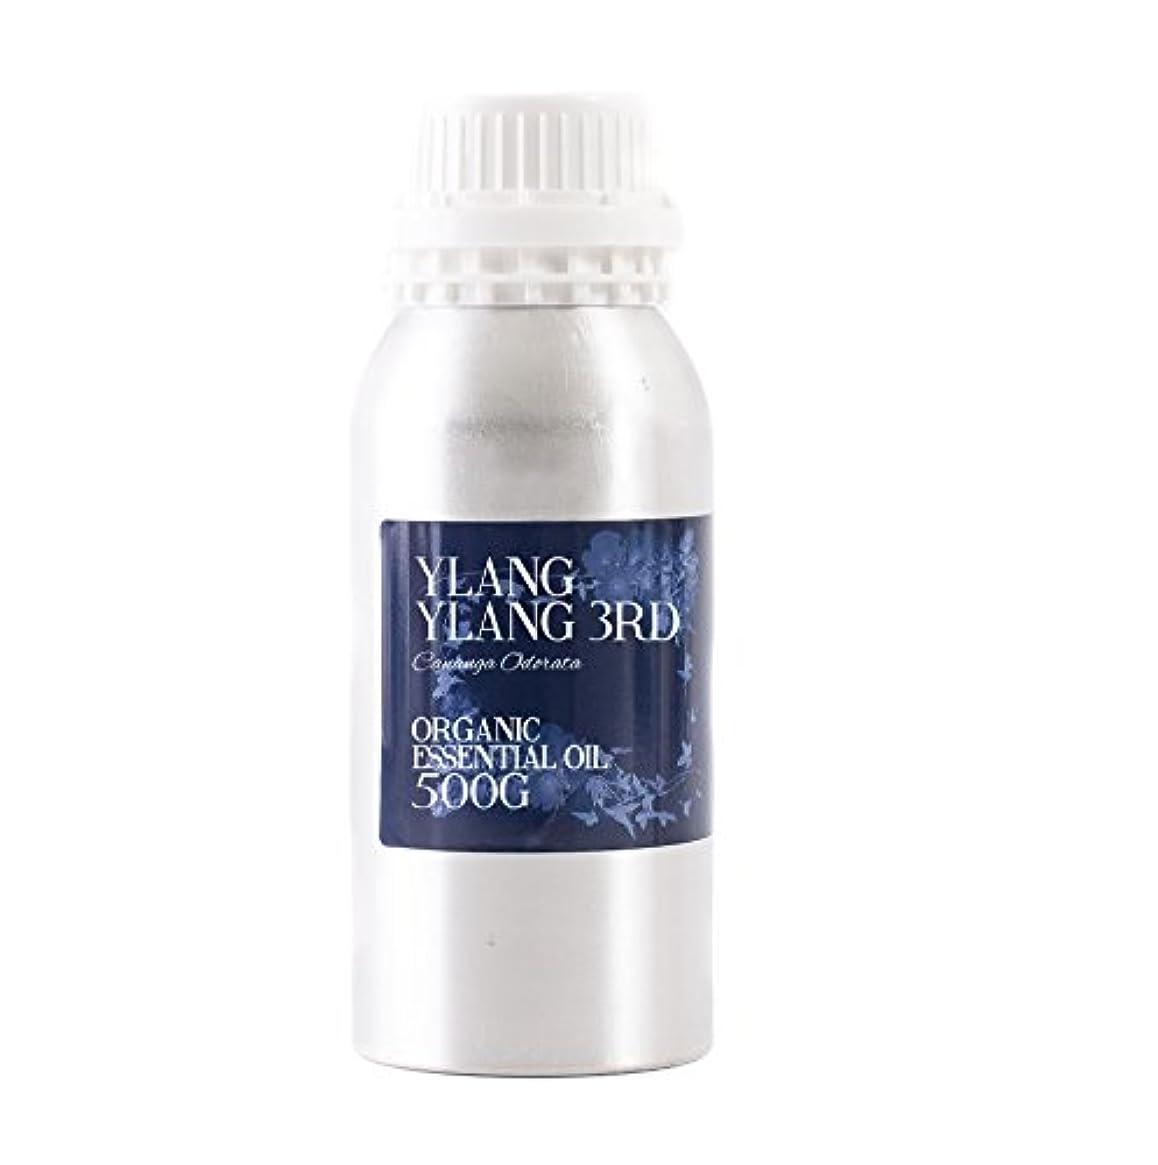 憎しみダルセットフラフープMystic Moments   Ylang Ylang 3rd Organic Essential Oil - 500g - 100% Pure